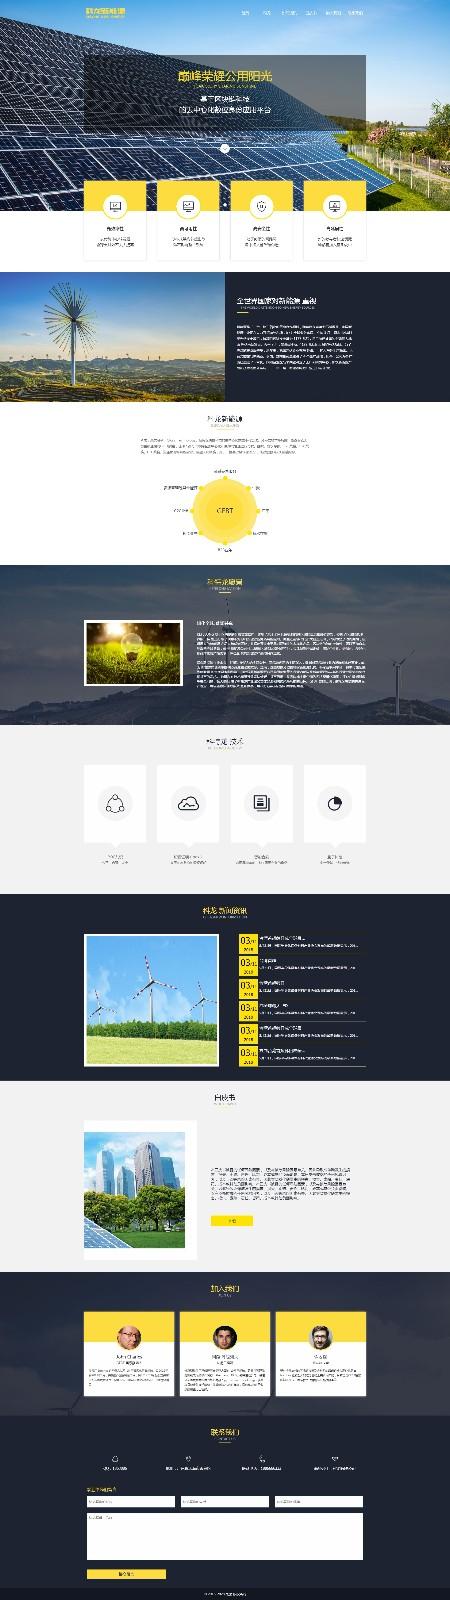 科龙新能源展示模板